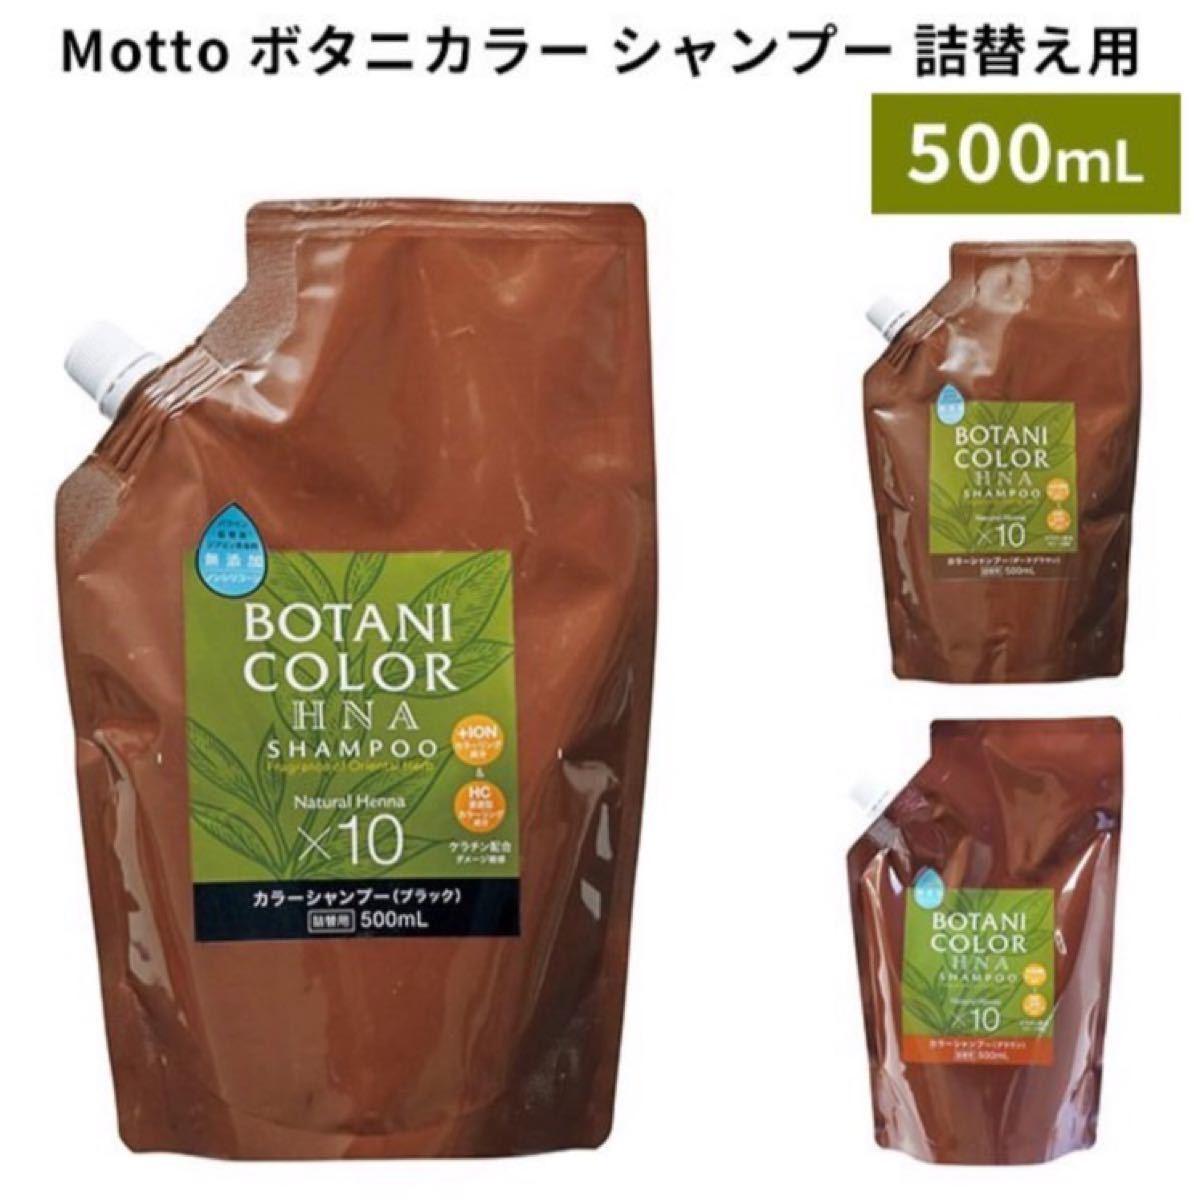 ボタニカルカラーシャンプー&トリートメント 詰め替え用(ダークブラウン)